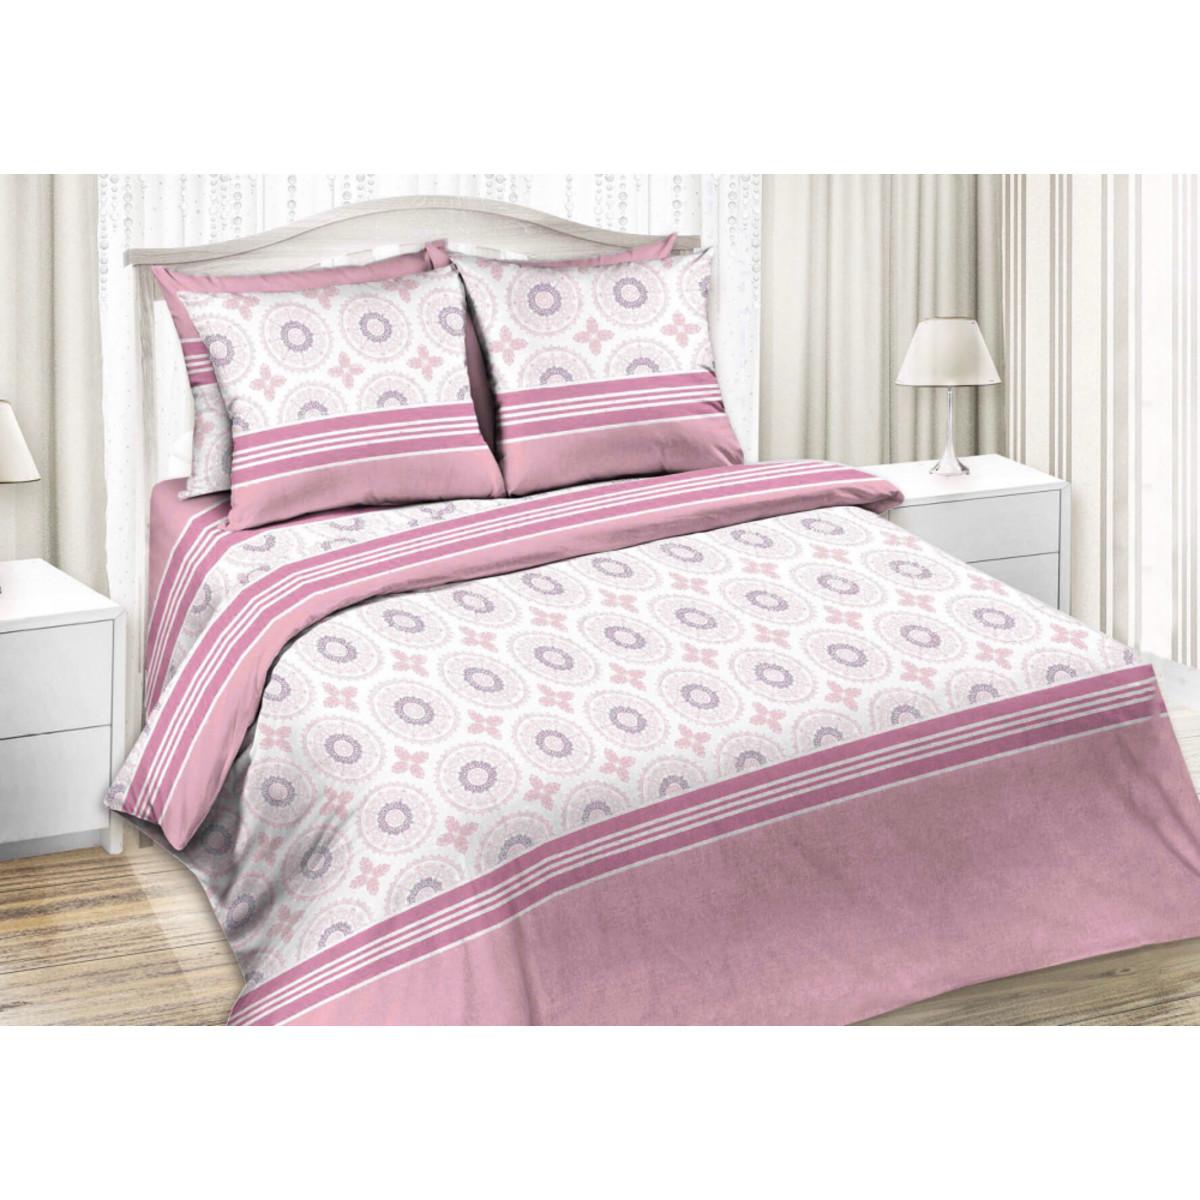 Комлплект постельного белья двуспальный «Глория» бязь 50x70 см